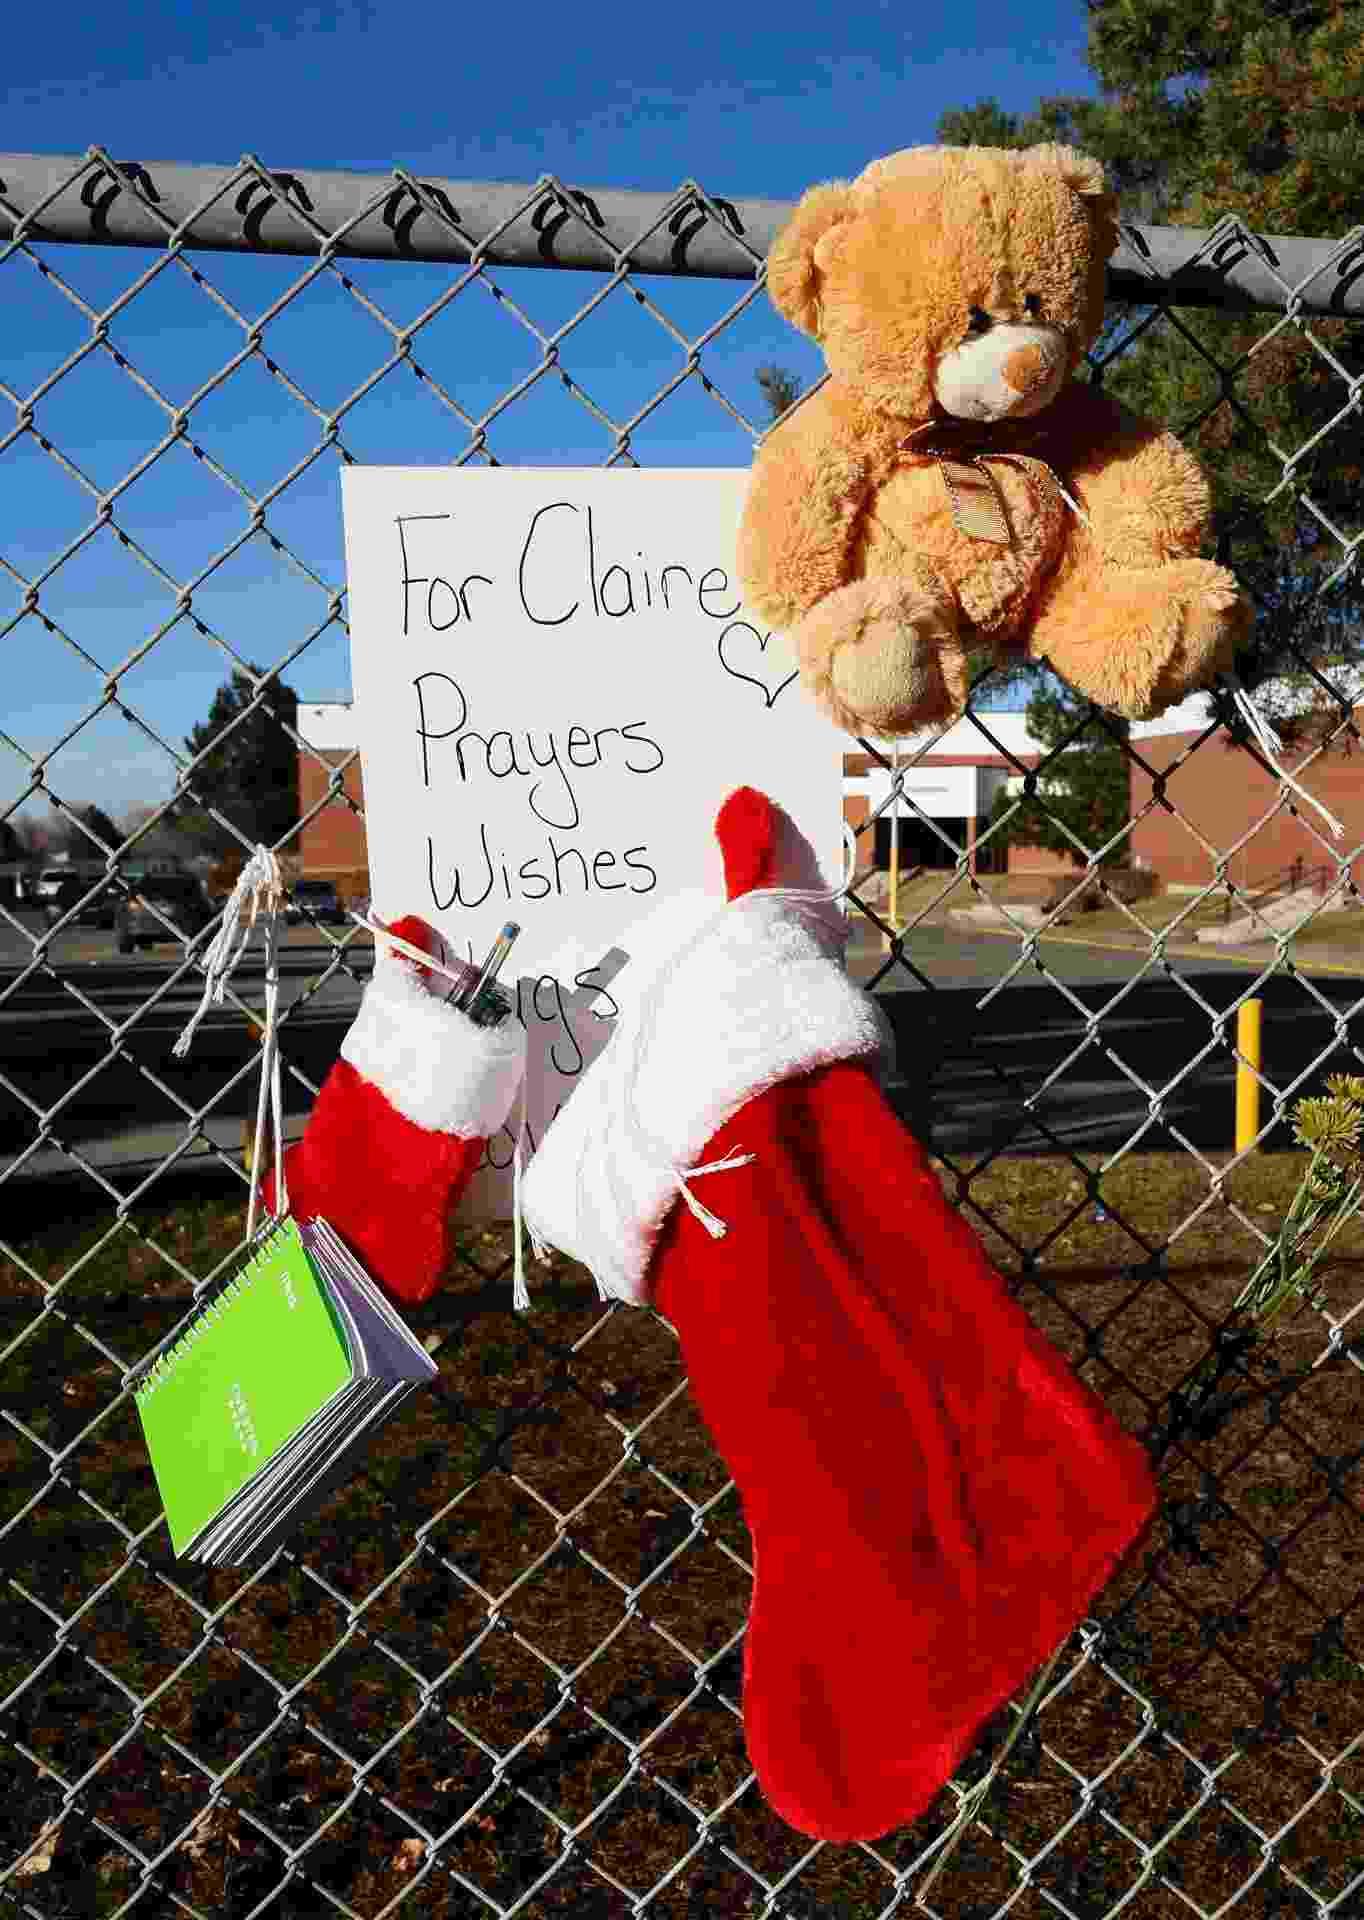 15.dez.2013 - Enfeites de Natal e um recado pedindo orações para Claire Davis são pendurados em cerca no colégio Arapahoe, no subúrbio de Denver, Colorado (EUA). Davis, 17, levou um tiro de um colega armado que invadiu a escola - Rick Wilking/Reuters